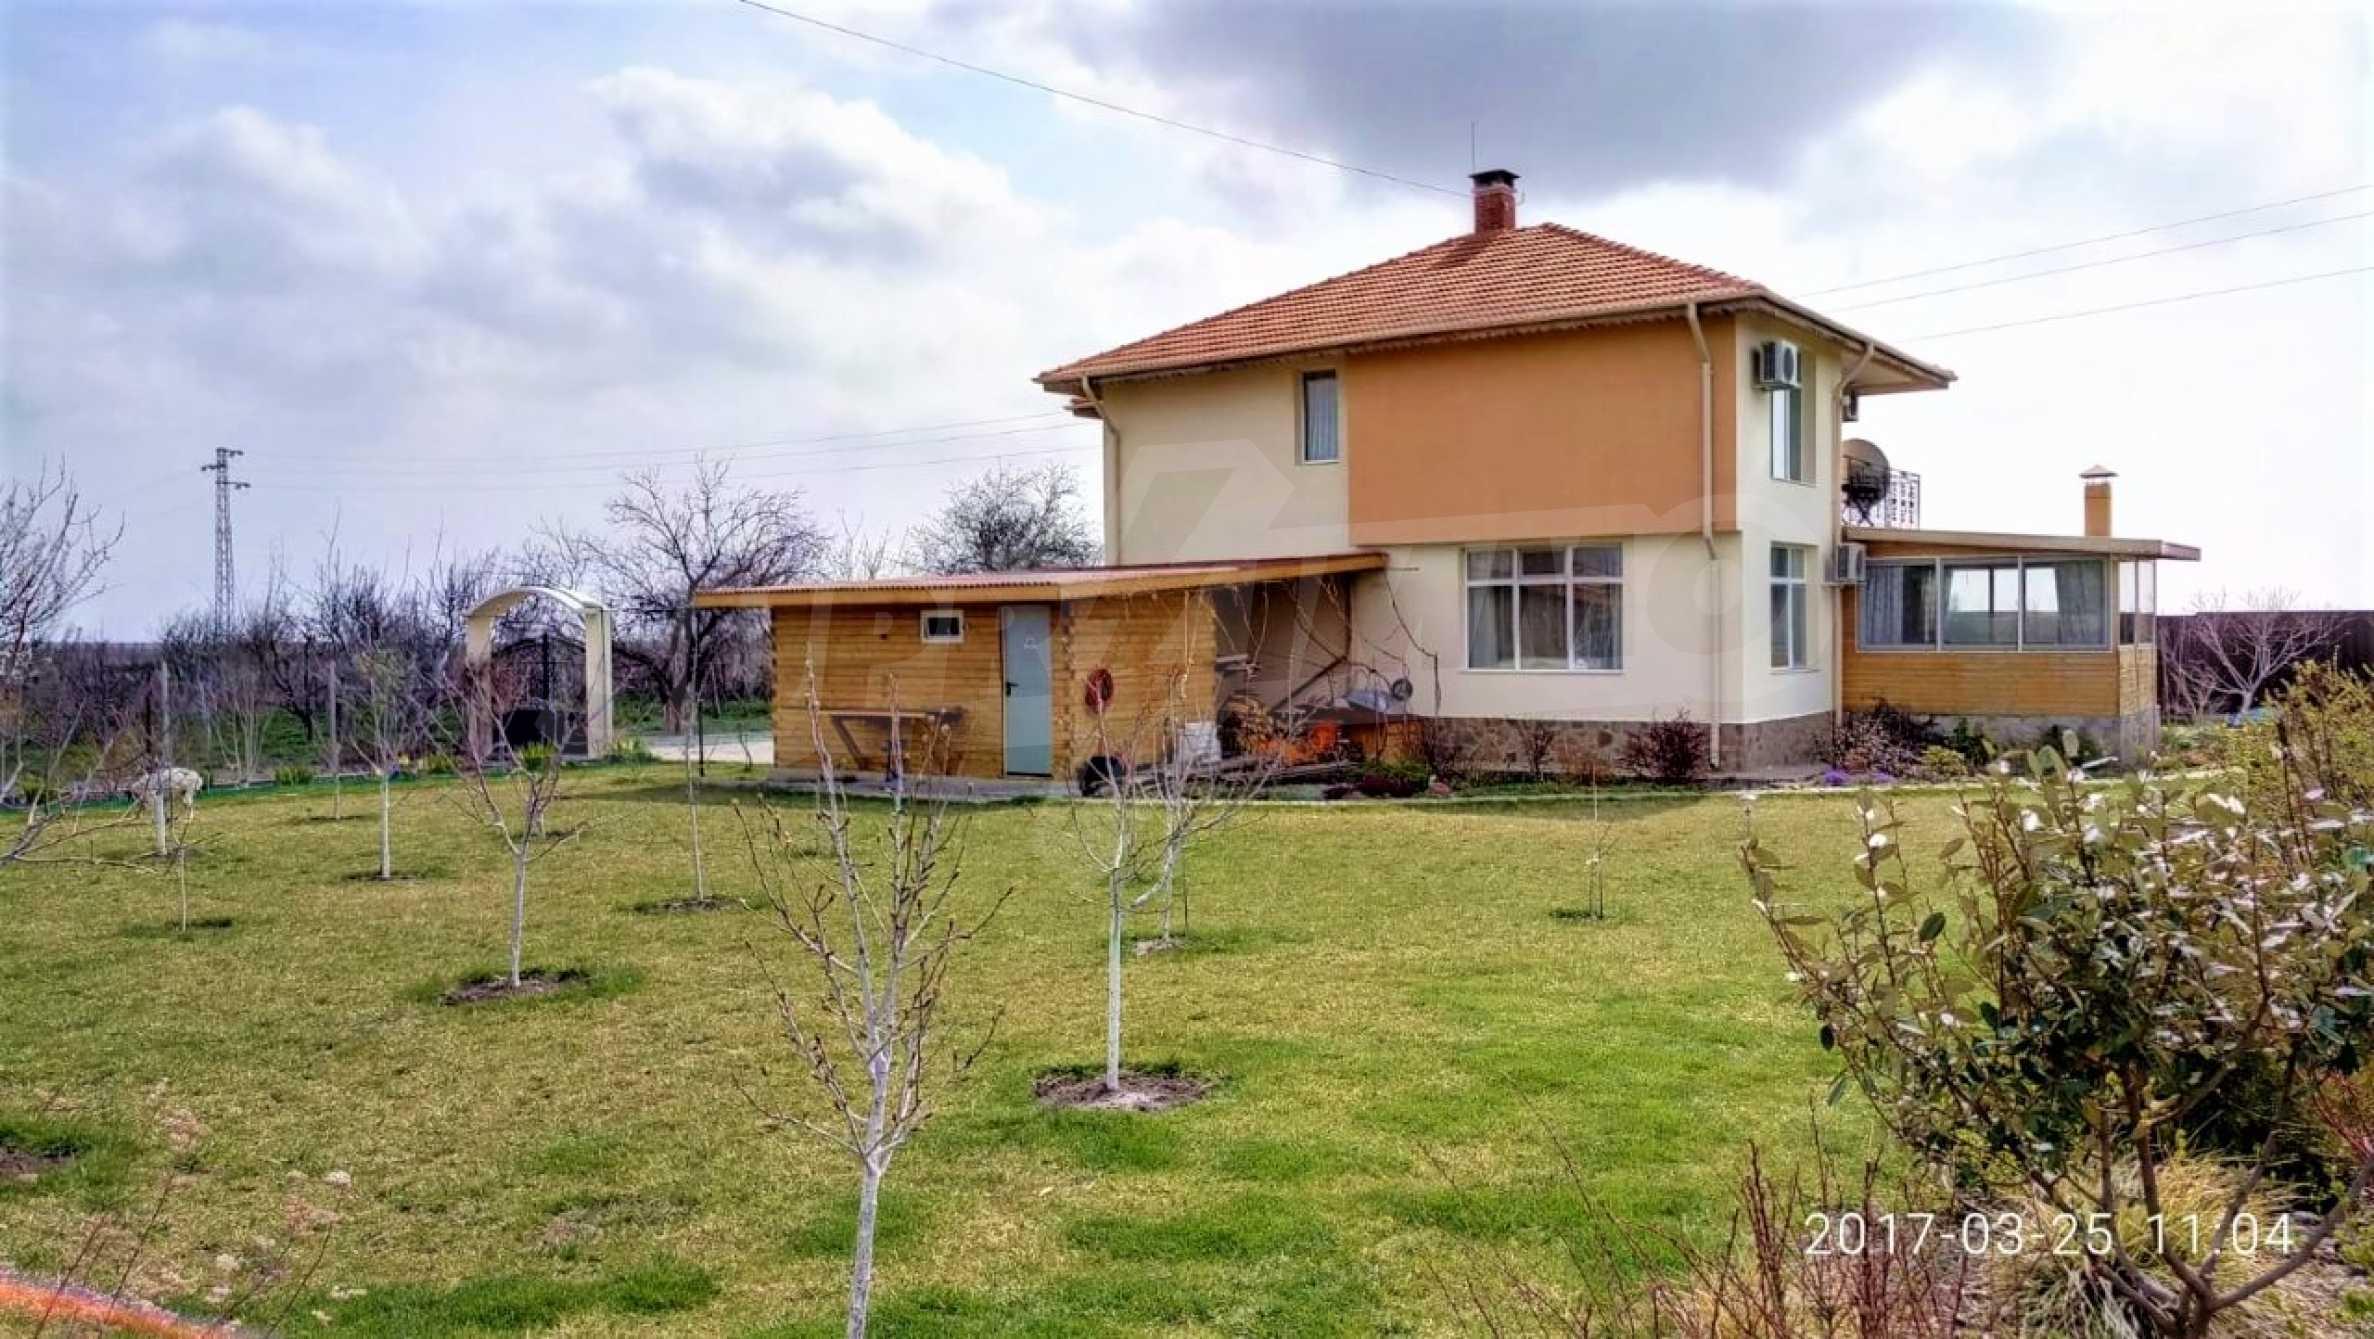 Herrliches Haus mit stilvoller Einrichtung im Df. Kamenar, Gemeinde Pomorie